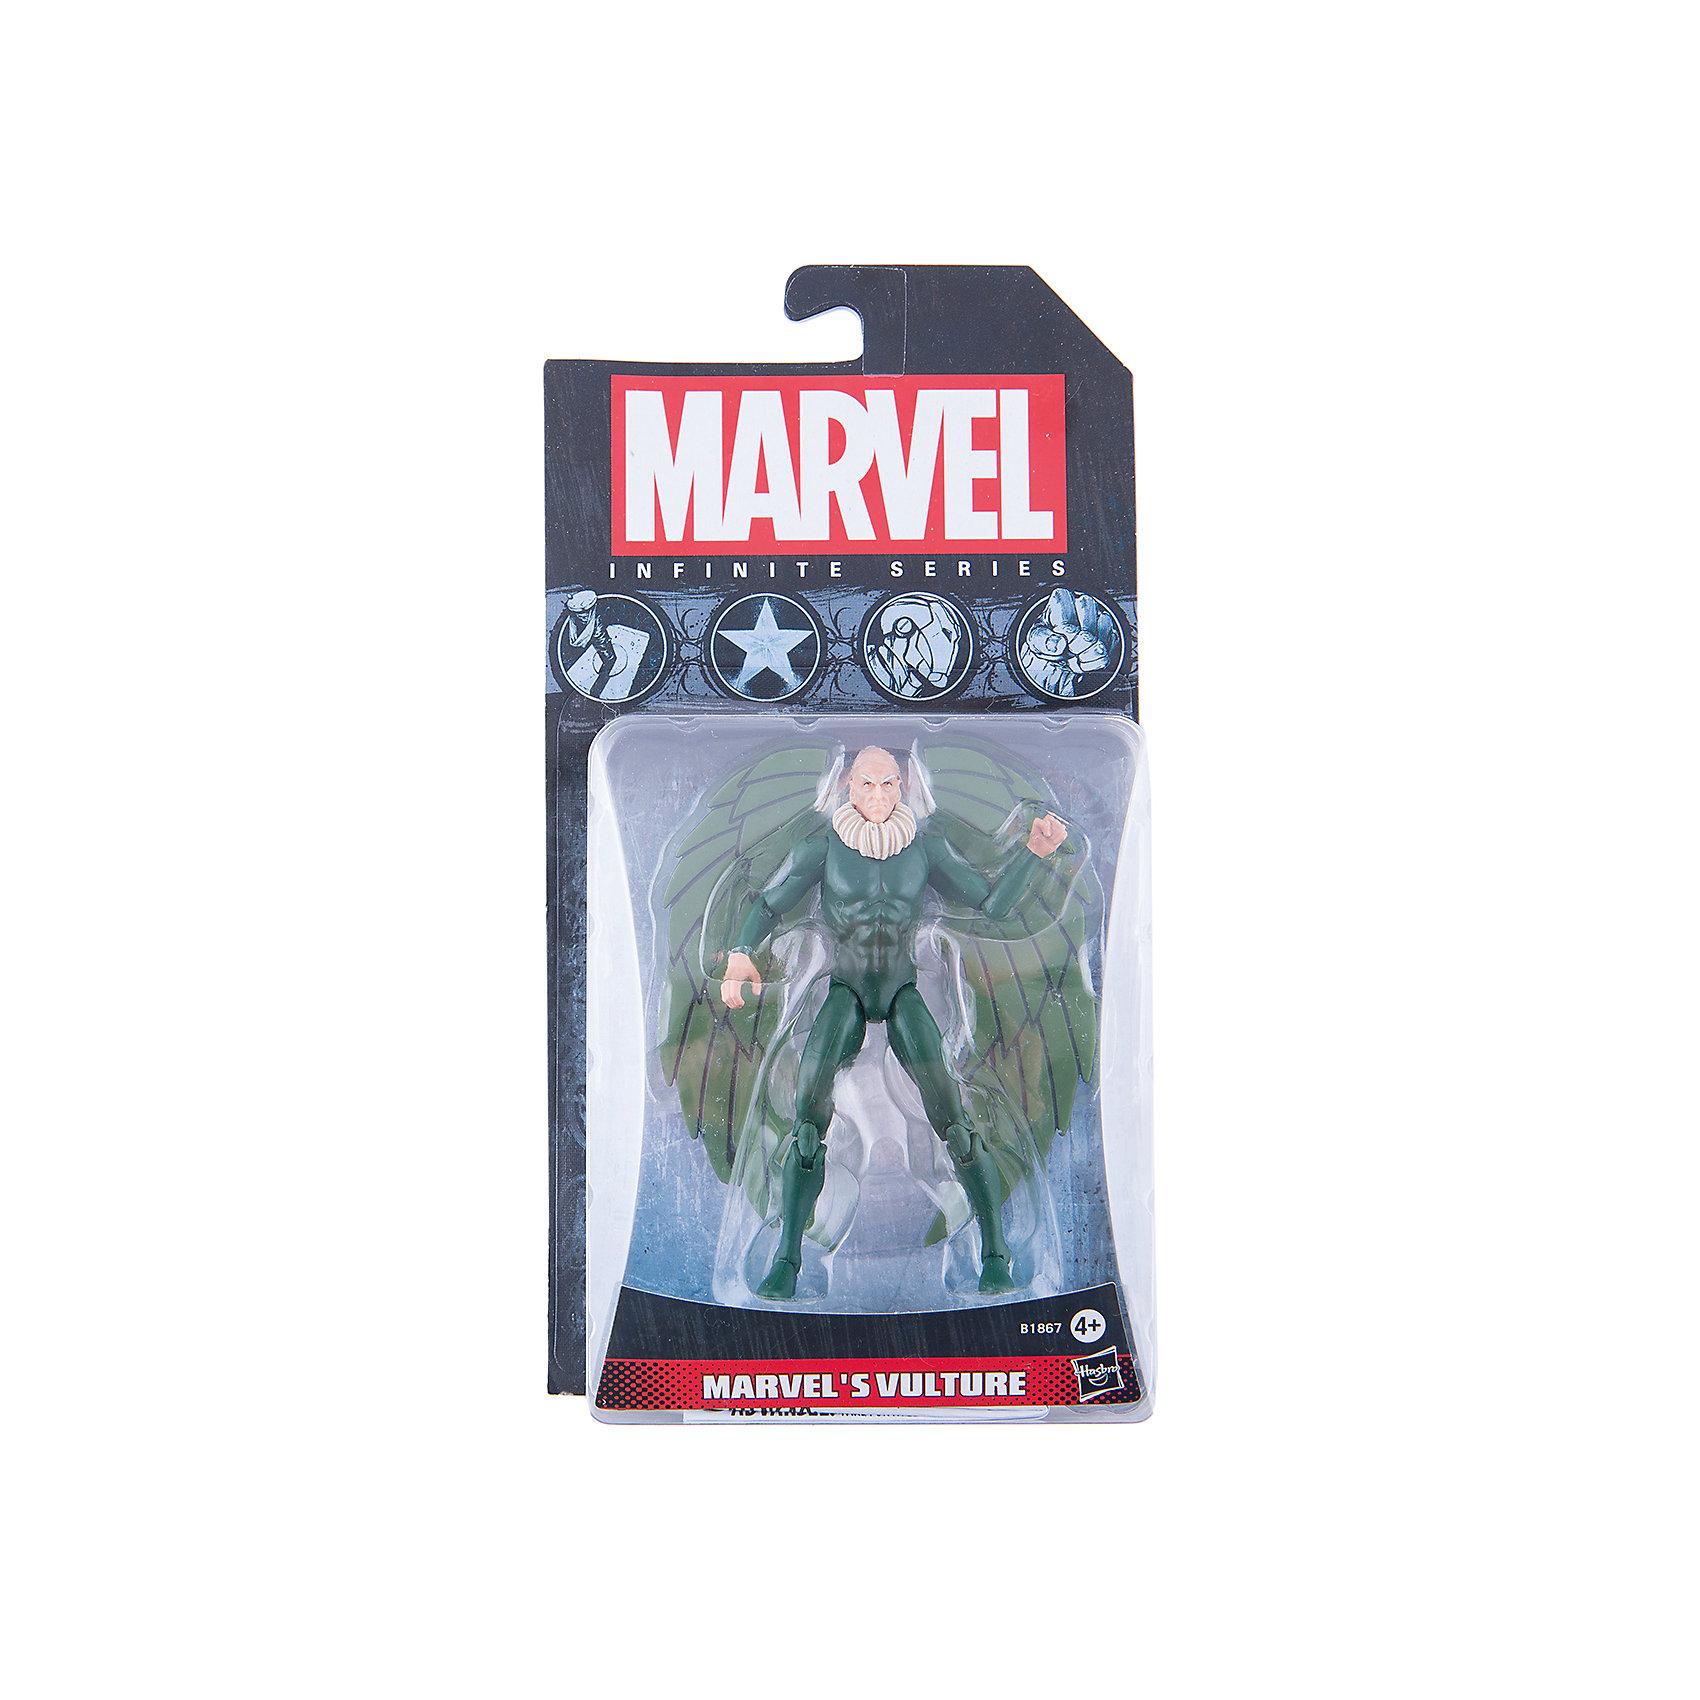 Коллекционная фигурка Марвел 9,5 см, Marvel Heroes, B1867/A6749Фигурка Вультура, давнего врага Человека-Паука, обязательно понравится всем поклонникам Marvel. Фигурка прекрасно детализирована, обладает подвижными конечностями и щупальцами, что позволяет ей принимать разнообразные позы, открывая еще большие возможности для различных игровых сюжетов. Игрушка изготовлена из высококачественного пластика, с применением безопасных, экологичных красителей. <br><br>Дополнительная информация:<br><br>- Материал: пластик.<br>- Размер фигурки: 9,5 см.<br>- Подвижные конечности.<br><br>Коллекционную фигурку Марвел 9,5 см, Marvel Heroes, можно купить в нашем магазине.<br><br>Ширина мм: 51<br>Глубина мм: 121<br>Высота мм: 229<br>Вес г: 150<br>Возраст от месяцев: 48<br>Возраст до месяцев: 192<br>Пол: Мужской<br>Возраст: Детский<br>SKU: 4563957